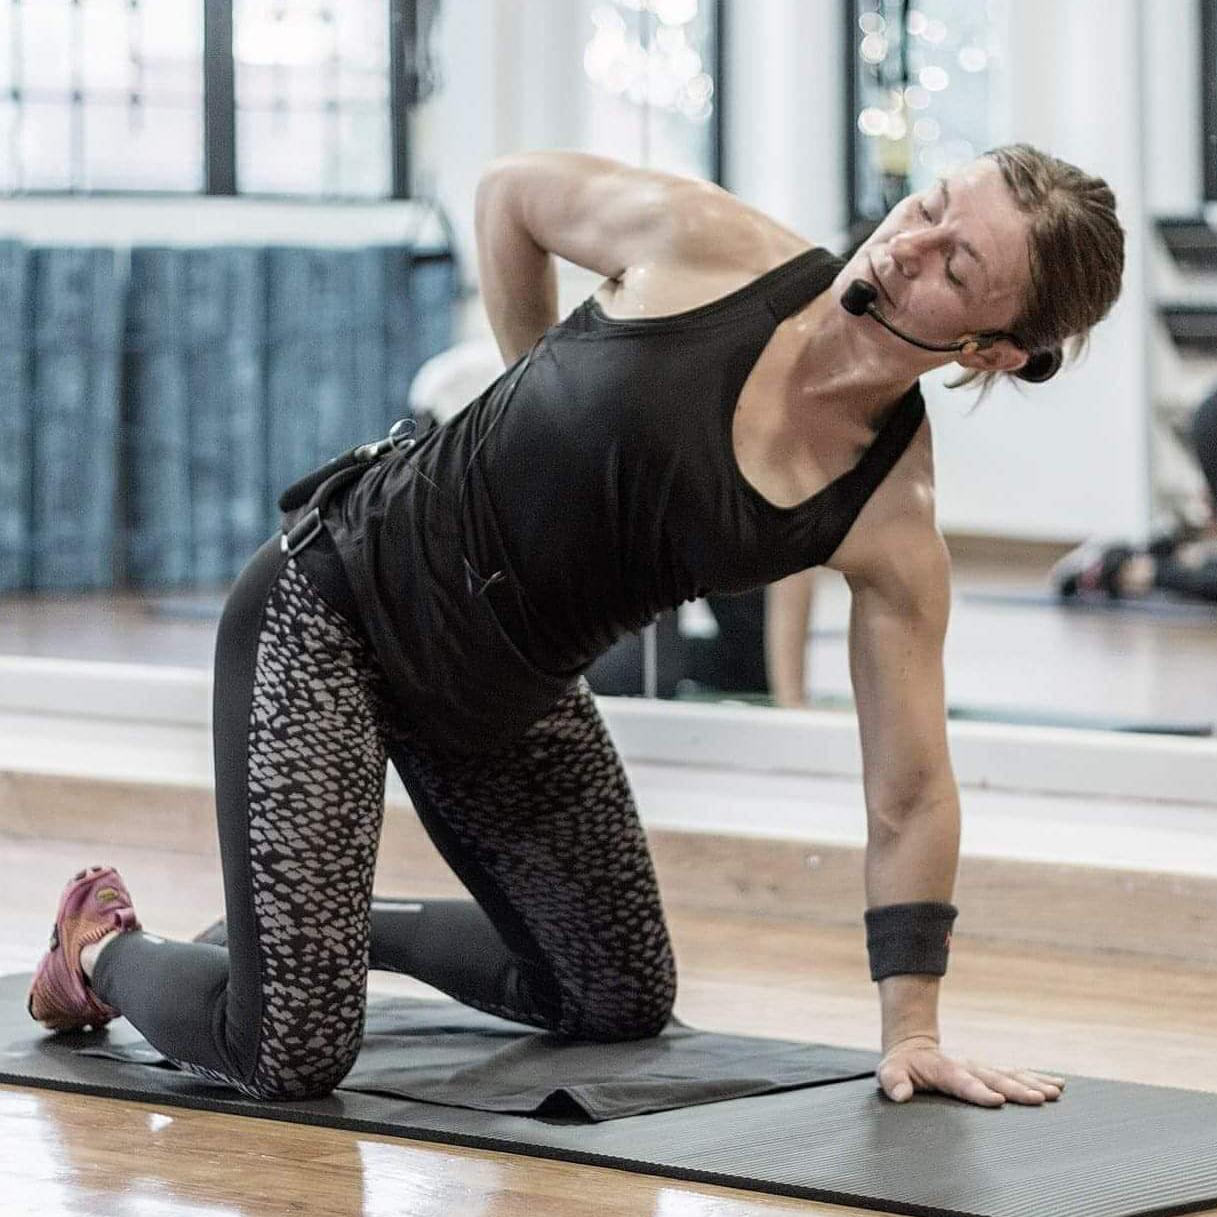 Marina Skrobot, fitness